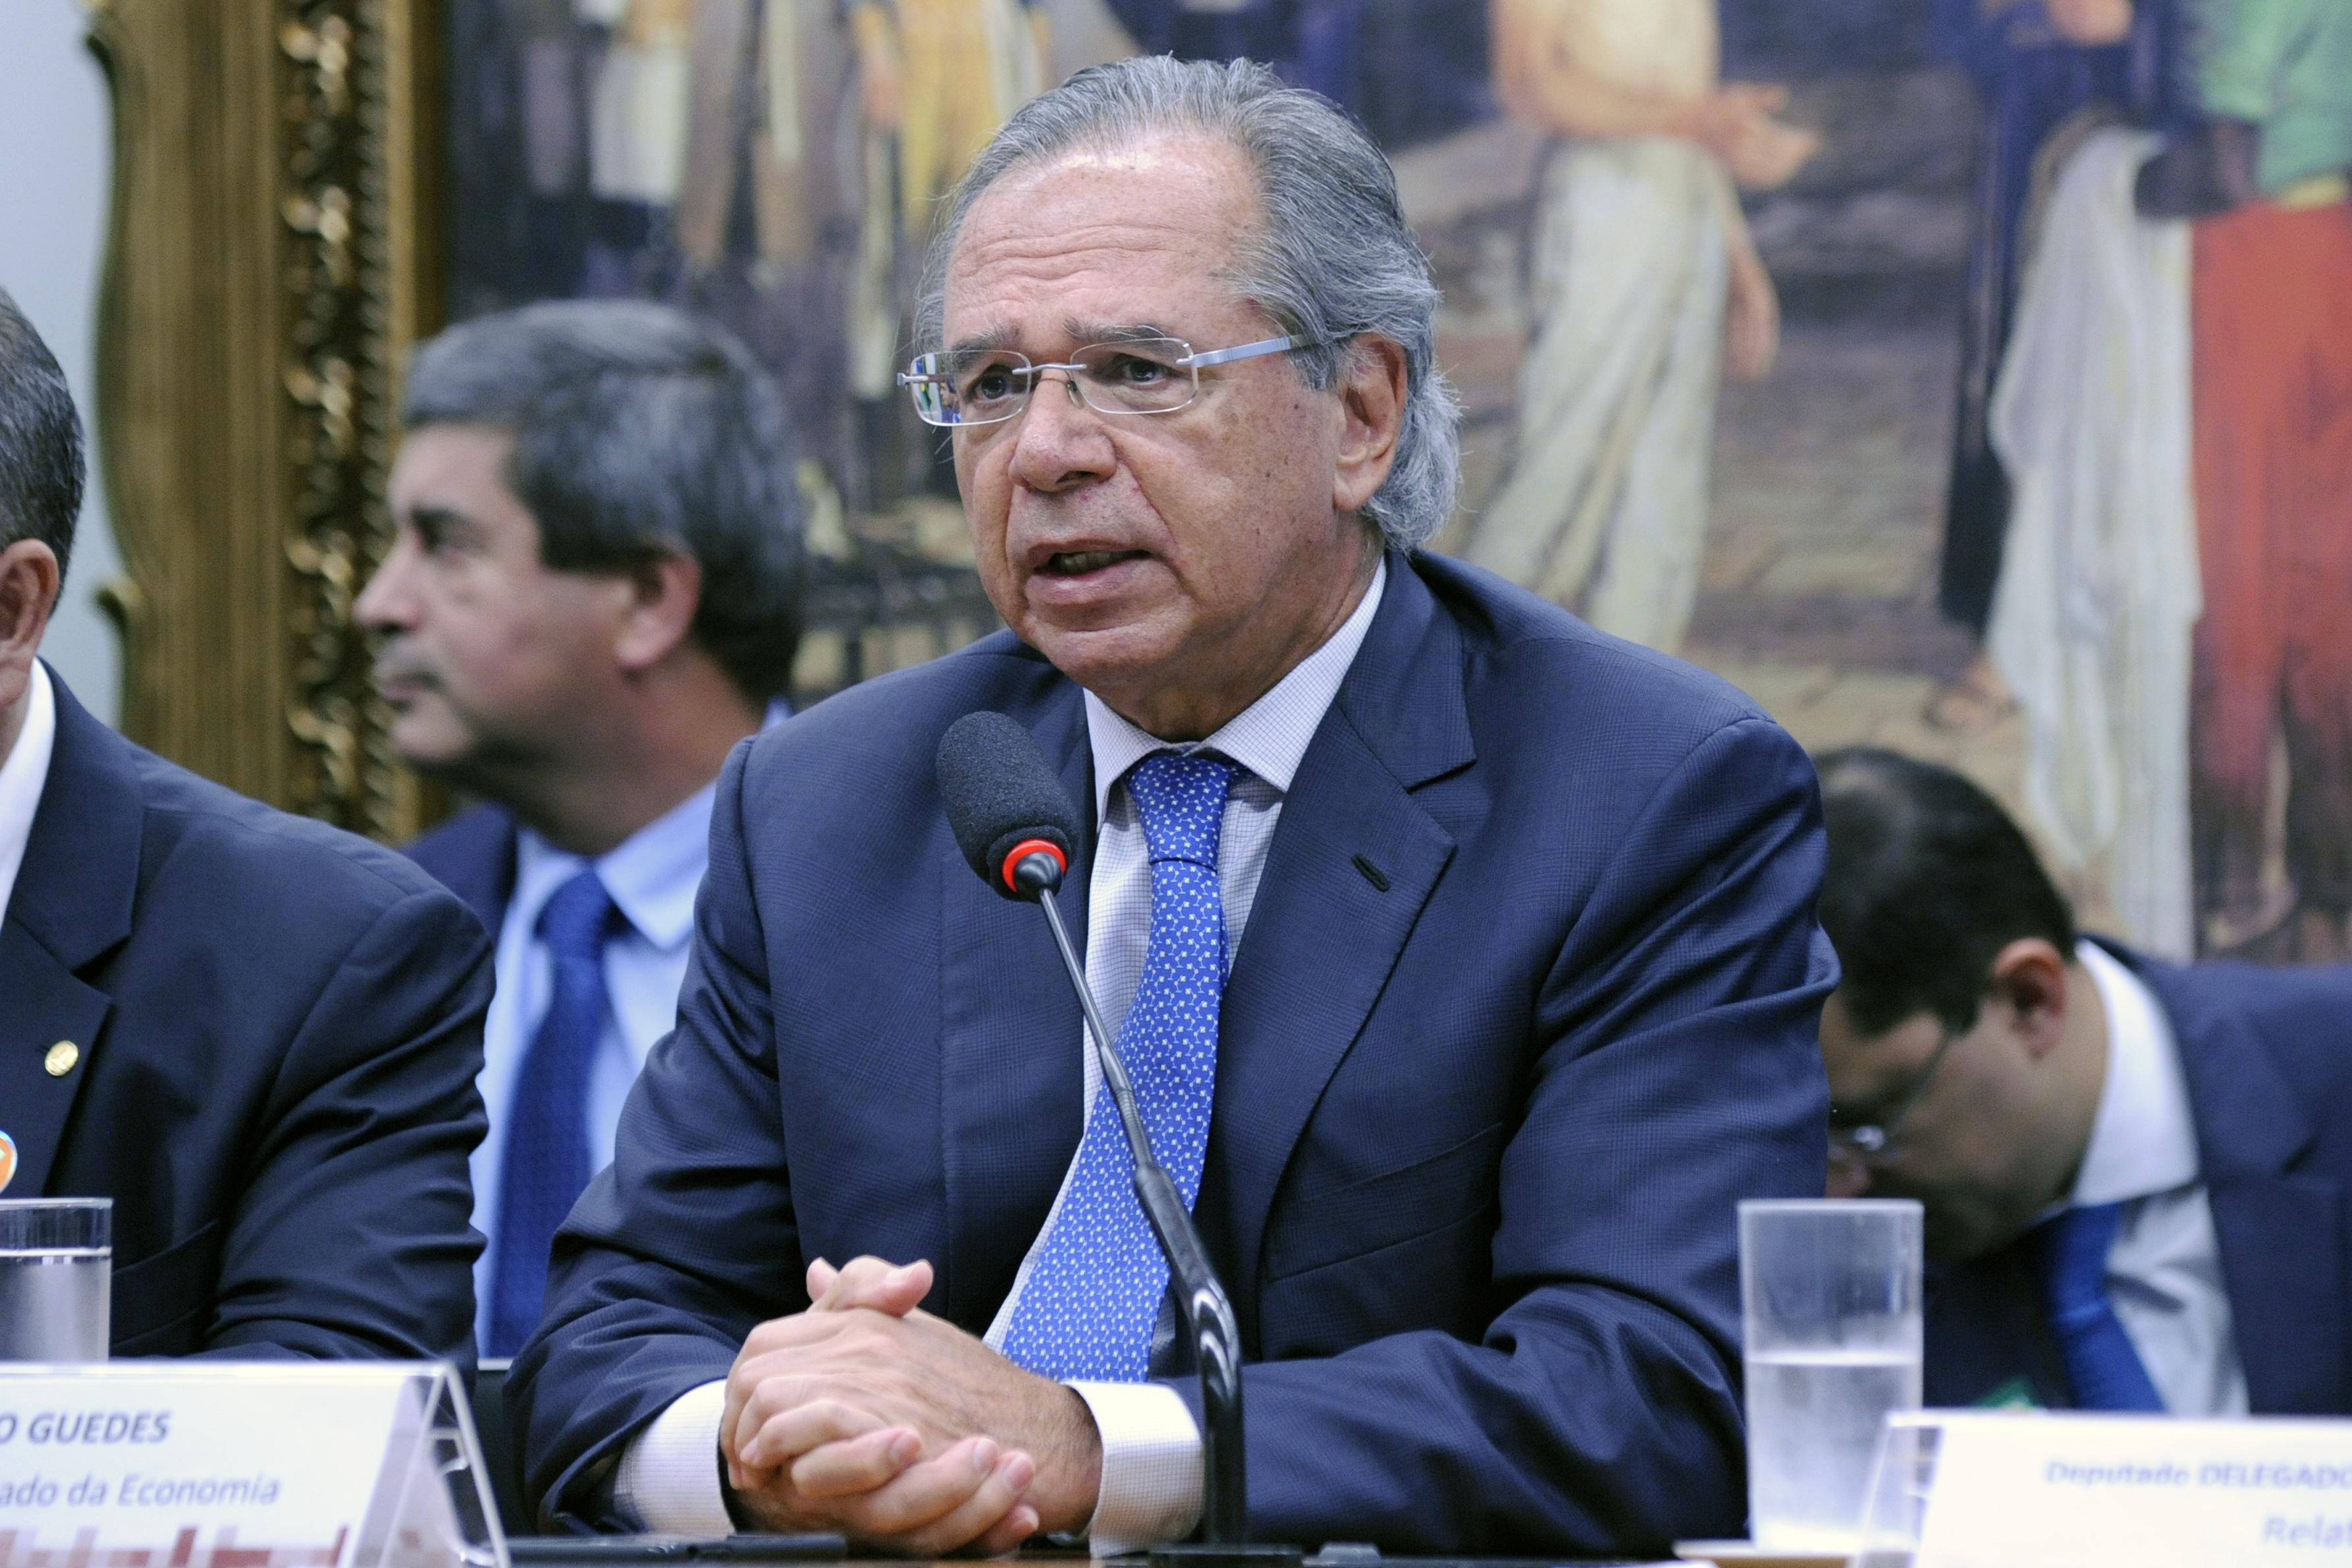 Audiência pública sobre a reforma da Previdência. Ministro da Economia do Brasil, Paulo Guedes